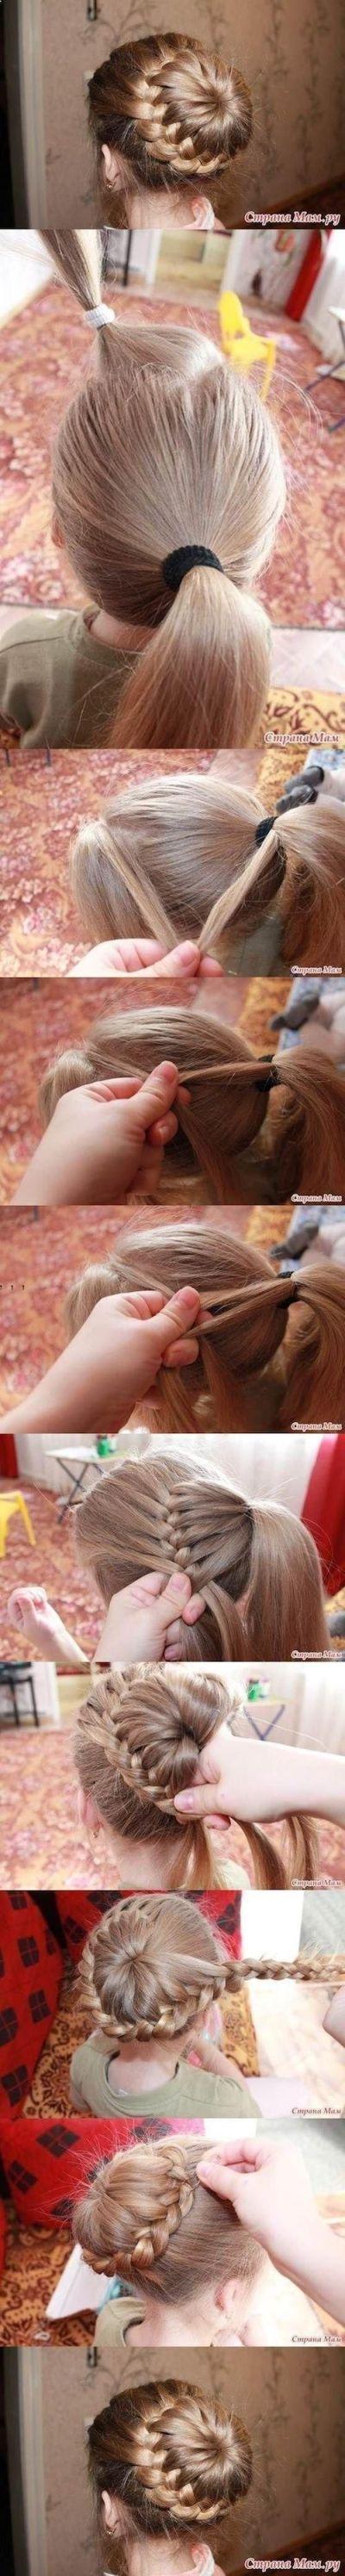 girl010 min - ママが簡単にできる「女の子のヘアスタイル」〜 ディズニー 発表会 結婚式 シチュエーション別の髪型をご紹介